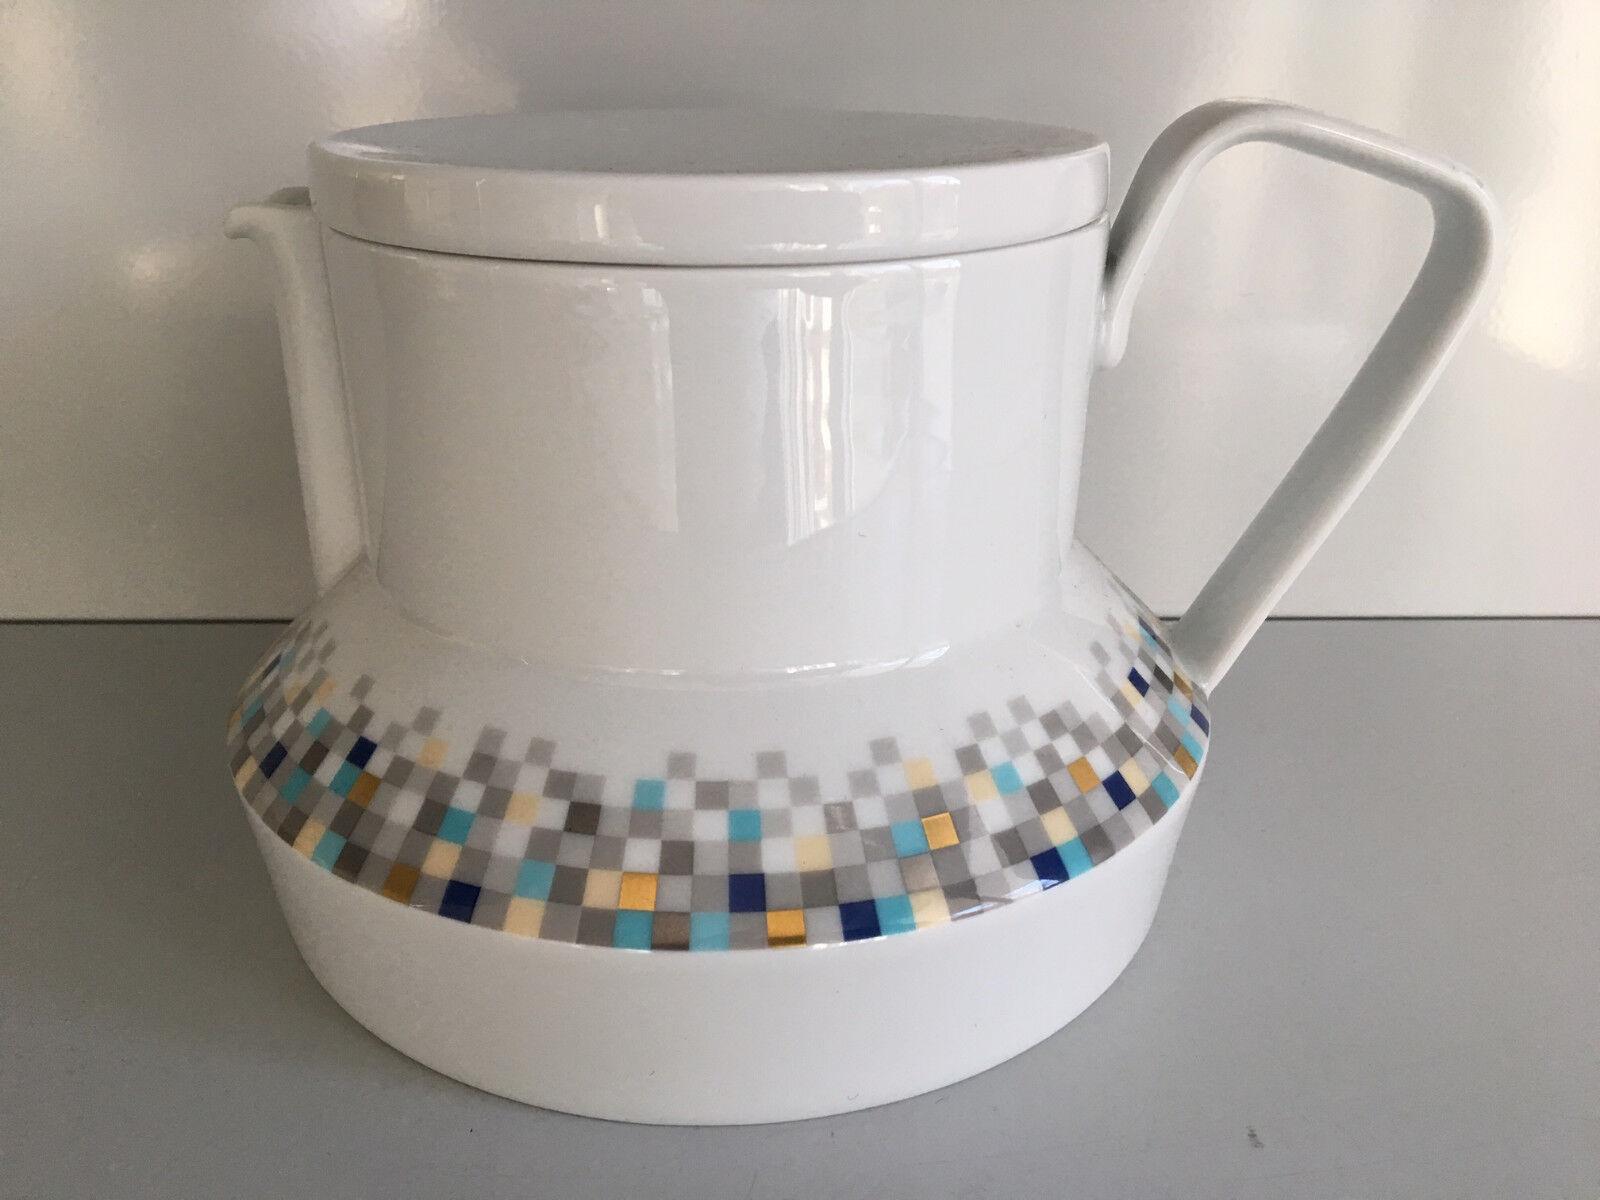 Rosenthal format Pixo Cafetière 1,2 L Inutilisé Coffee Pot